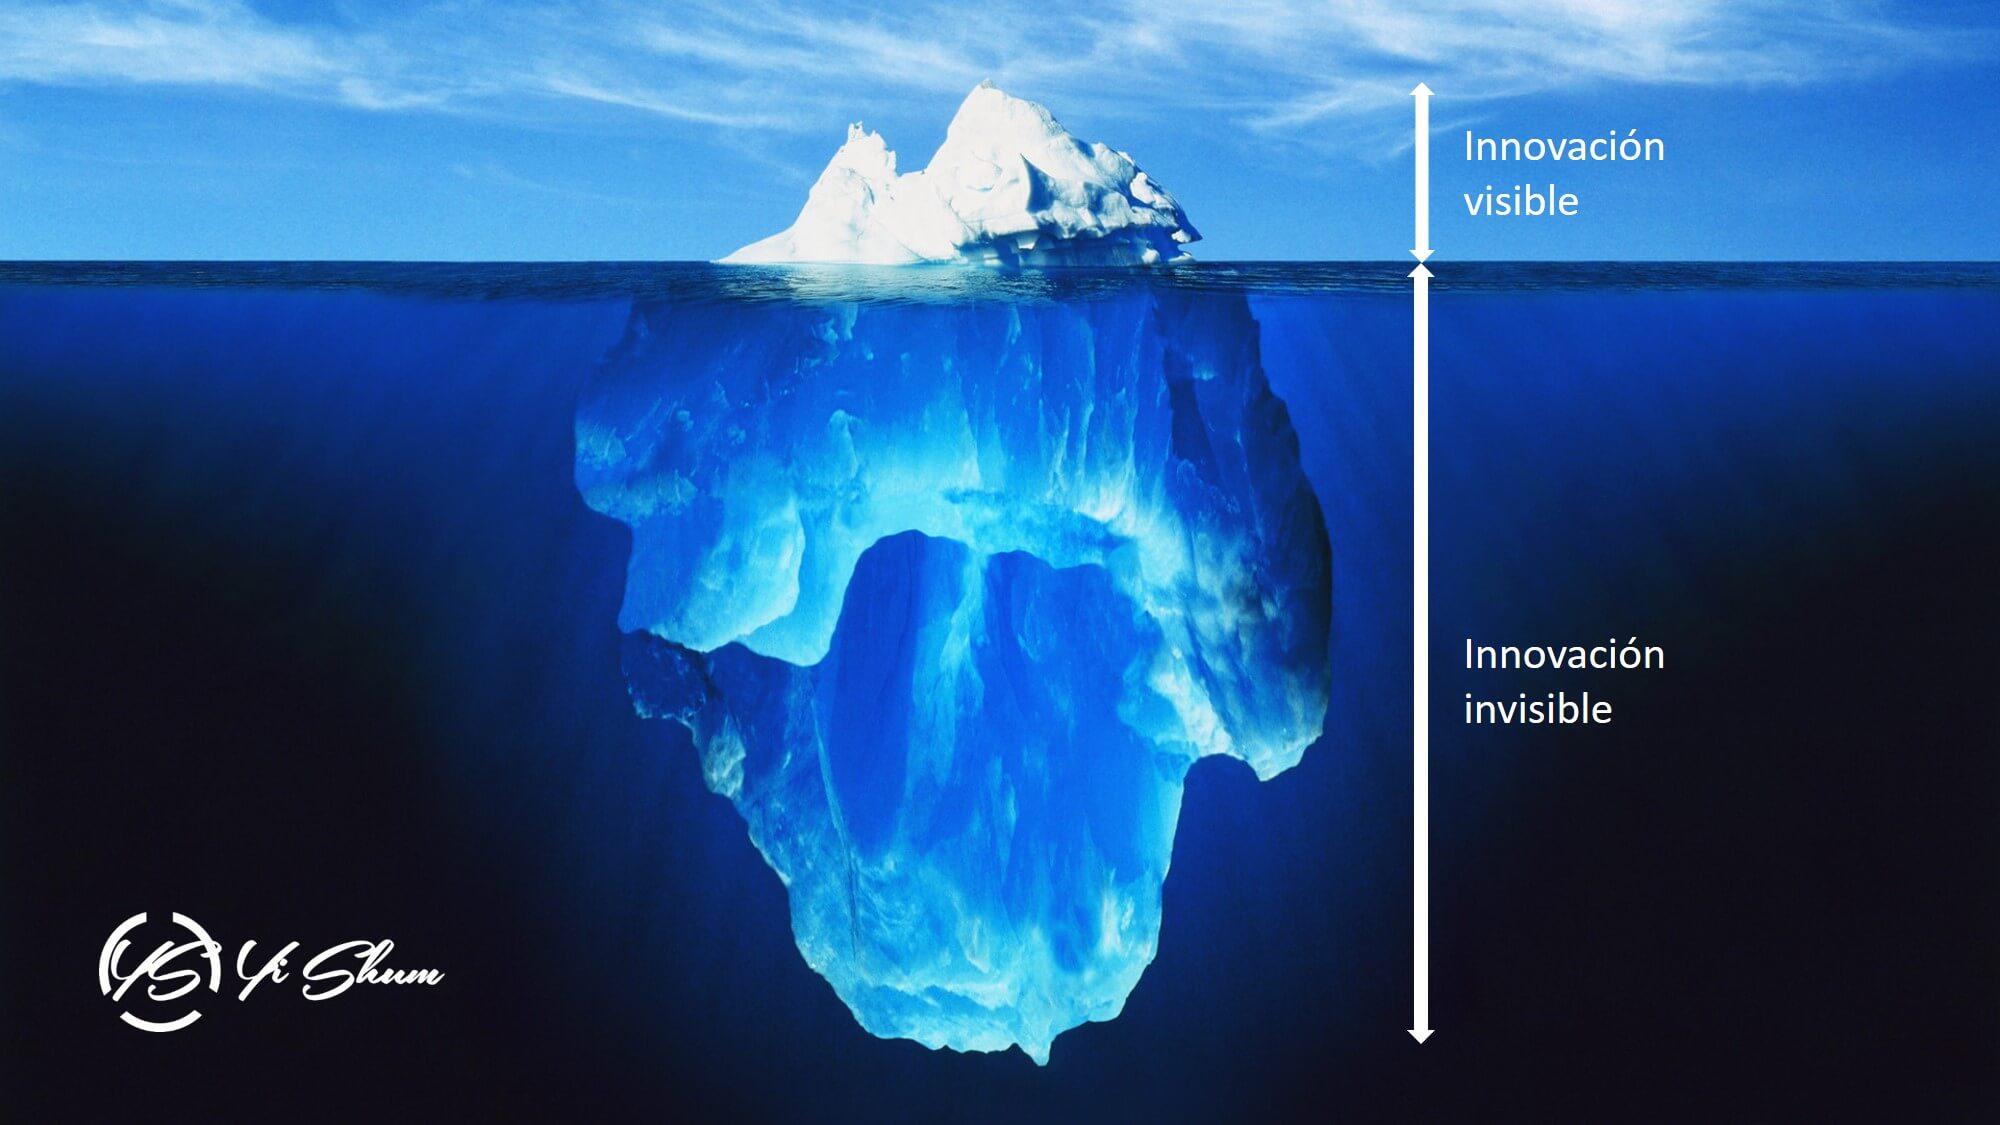 El iceberg de la innovación imagen